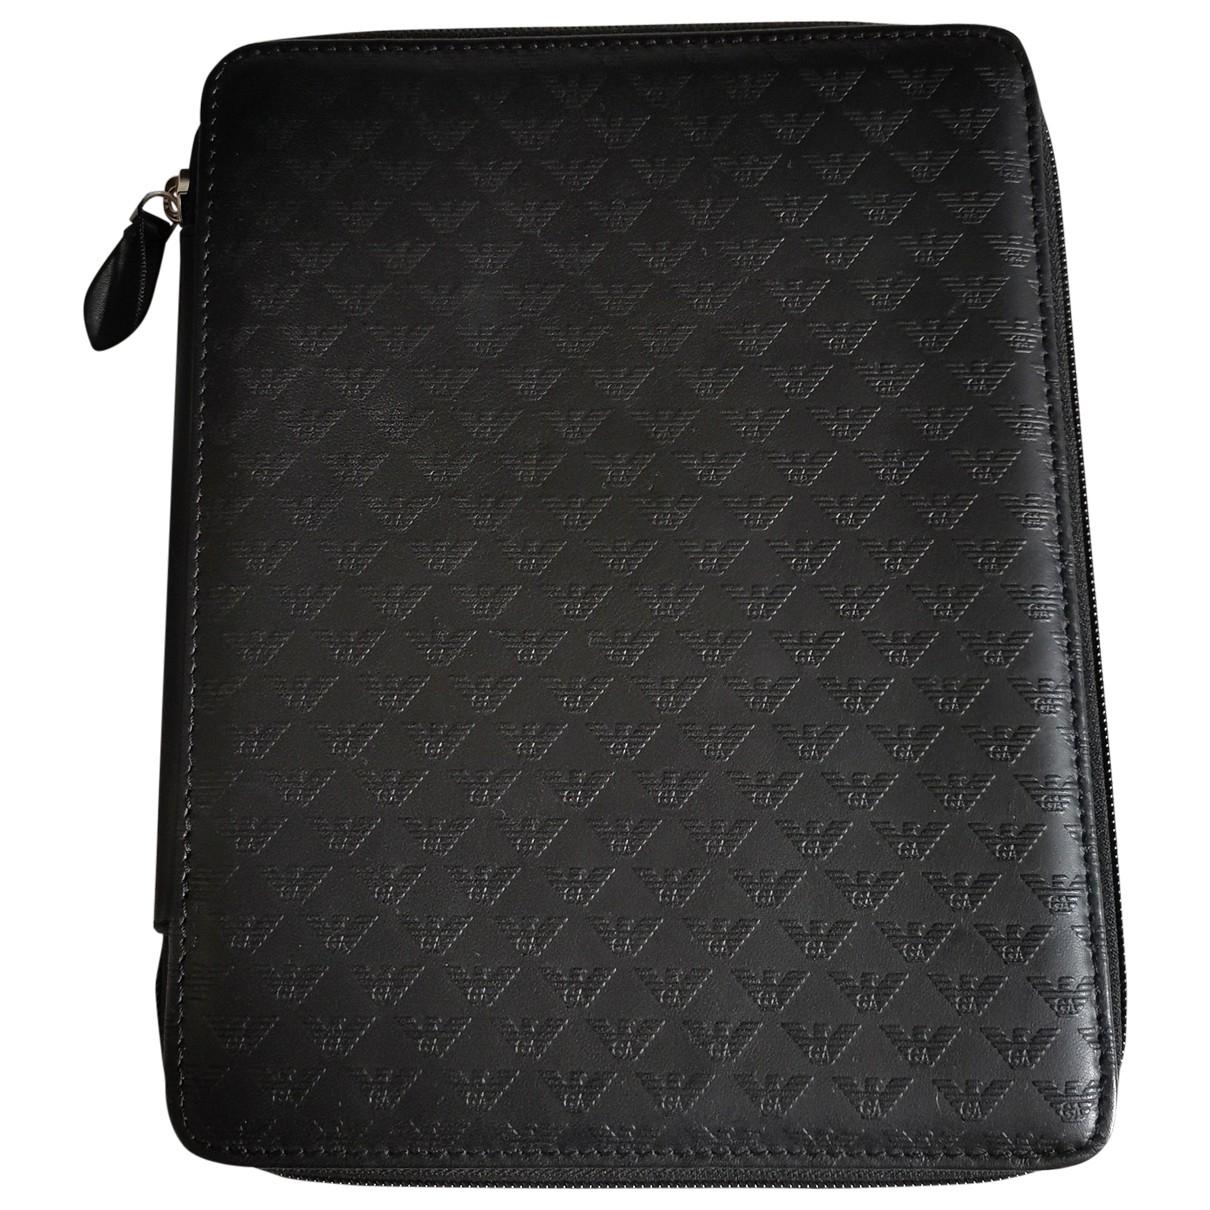 Emporio Armani - Accessoires   pour lifestyle en cuir - noir